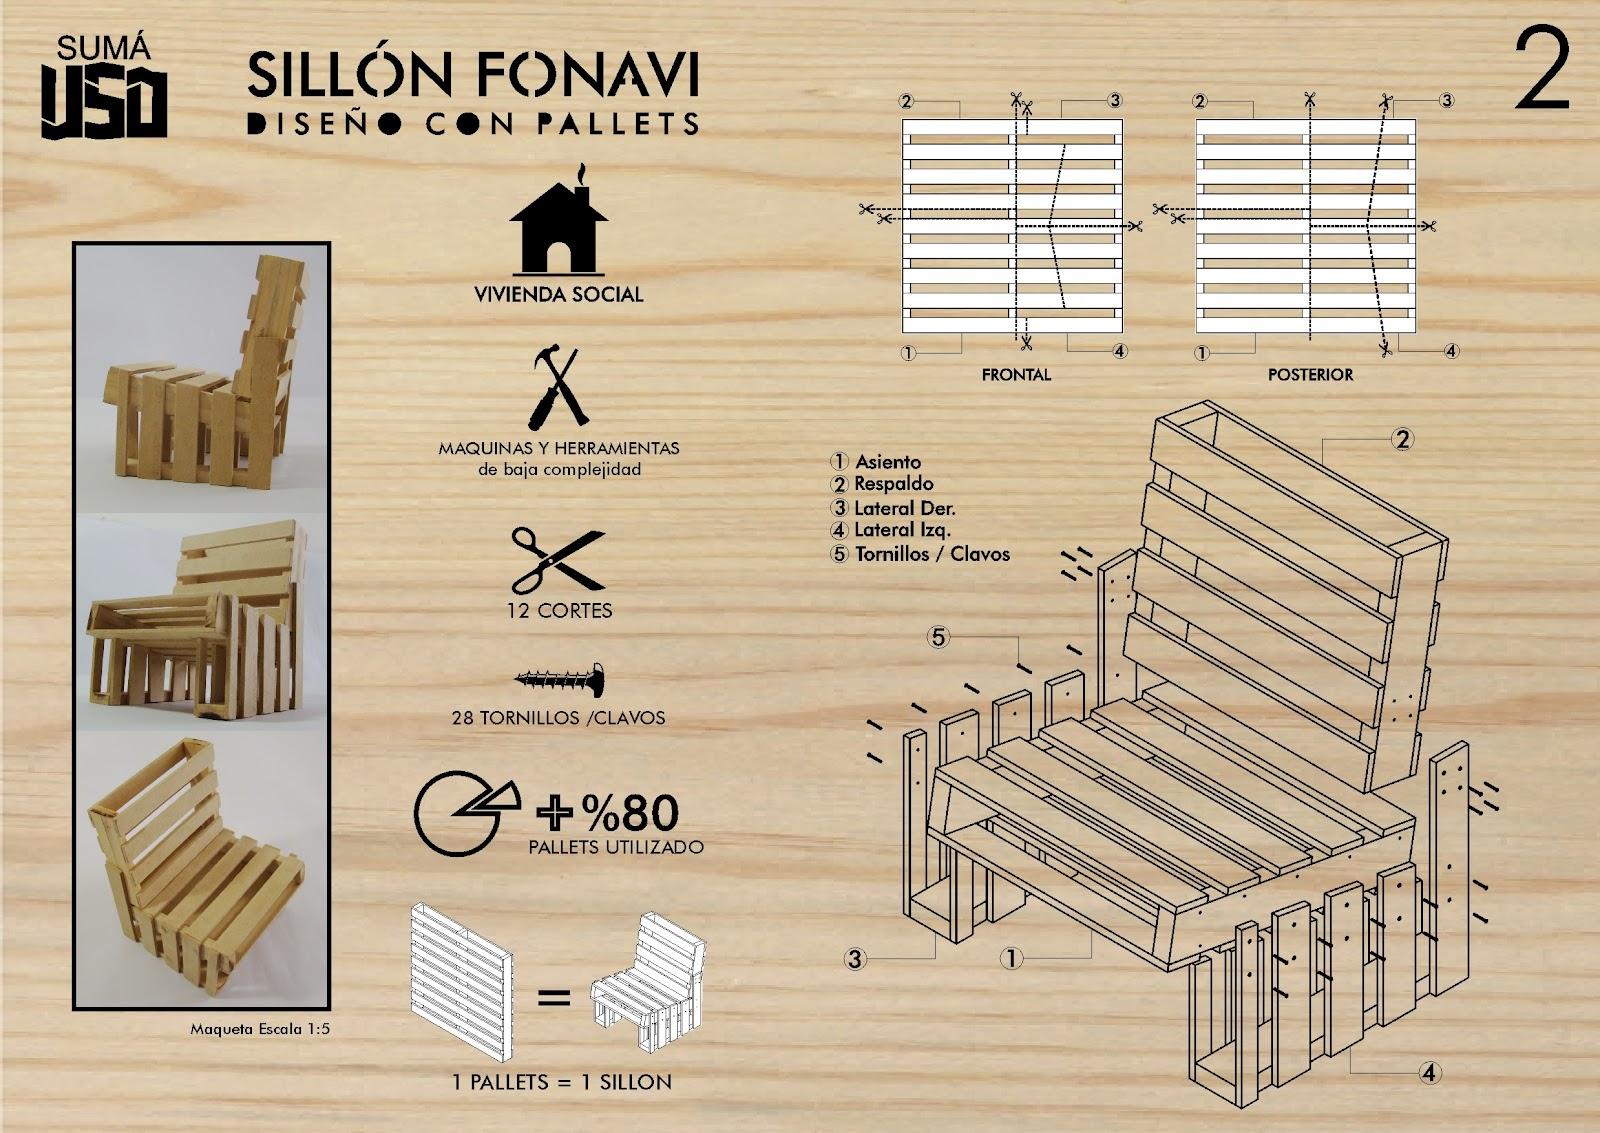 S n r disegno sillon fonavi dise o con palets - Sillon con palets de madera ...